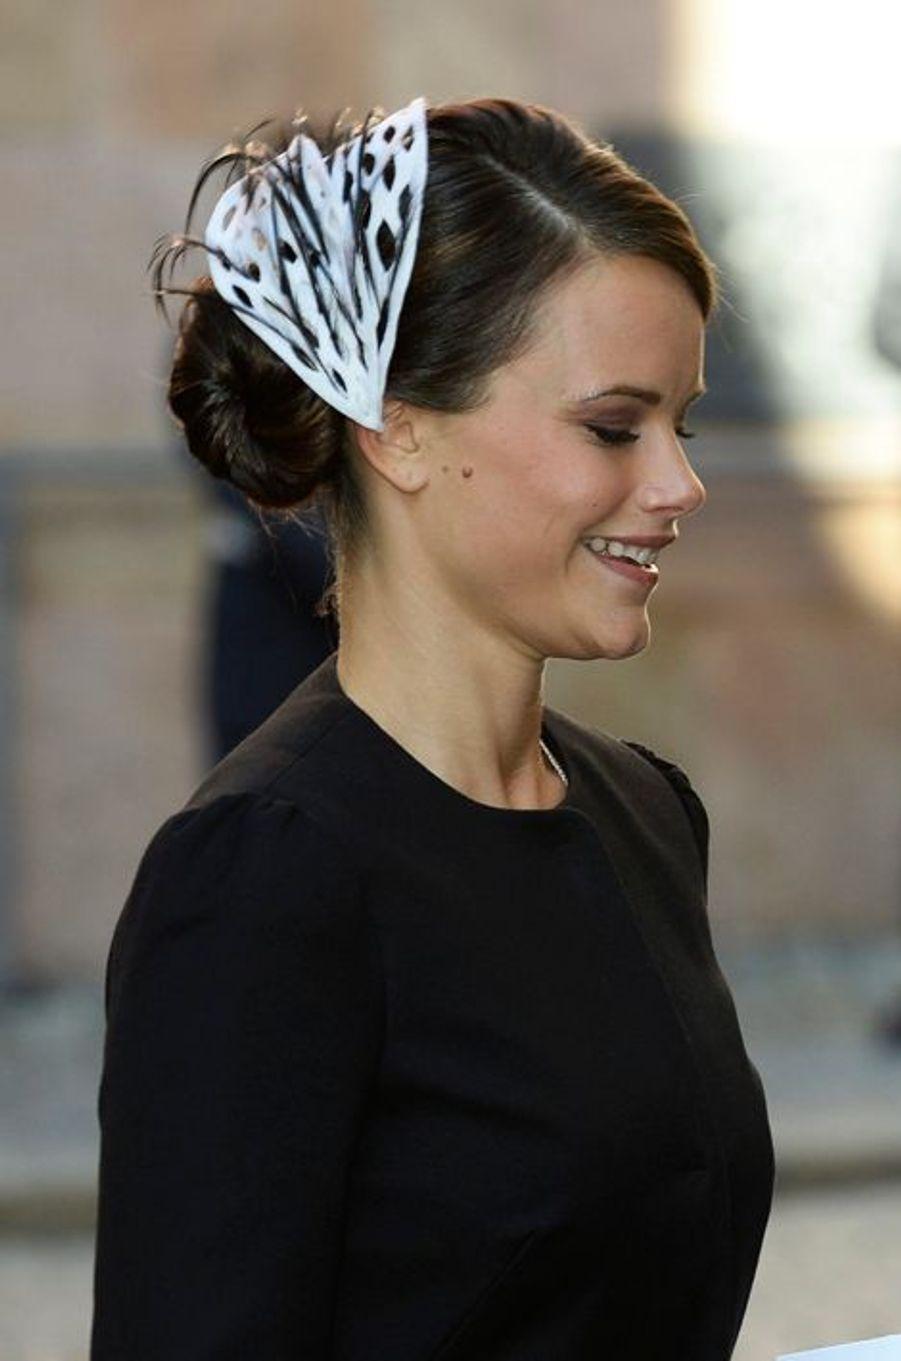 Sofia Hellquist à la rentrée du Parlement de Suède, le 30 septembre 2014